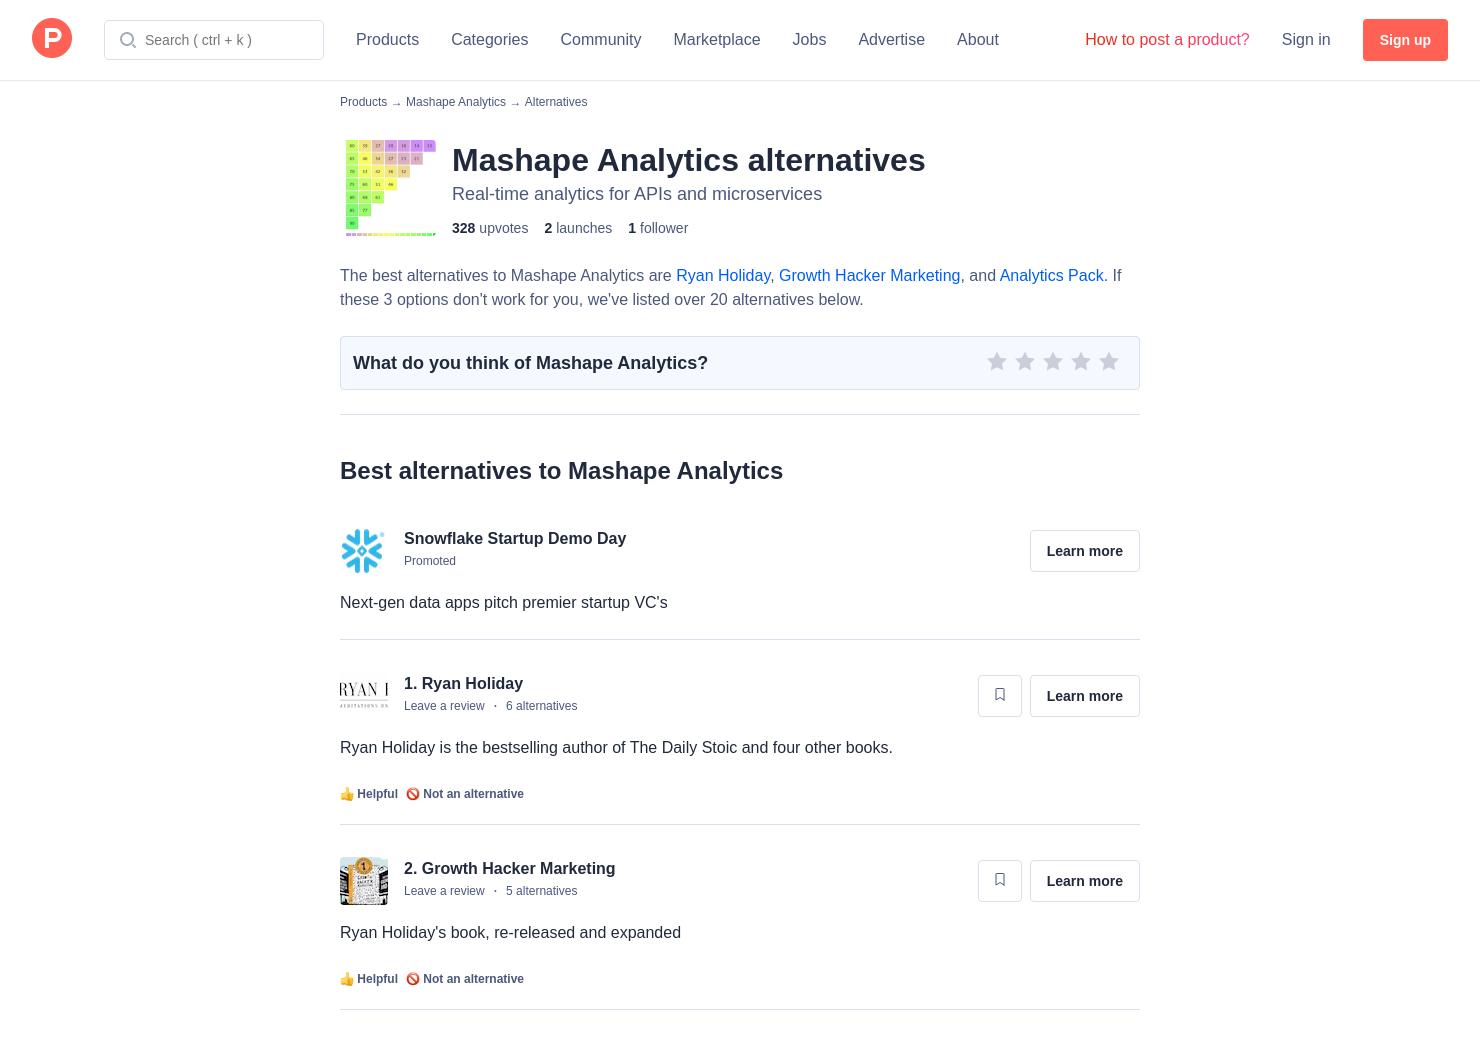 7 Alternatives to Mashape Analytics | Product Hunt